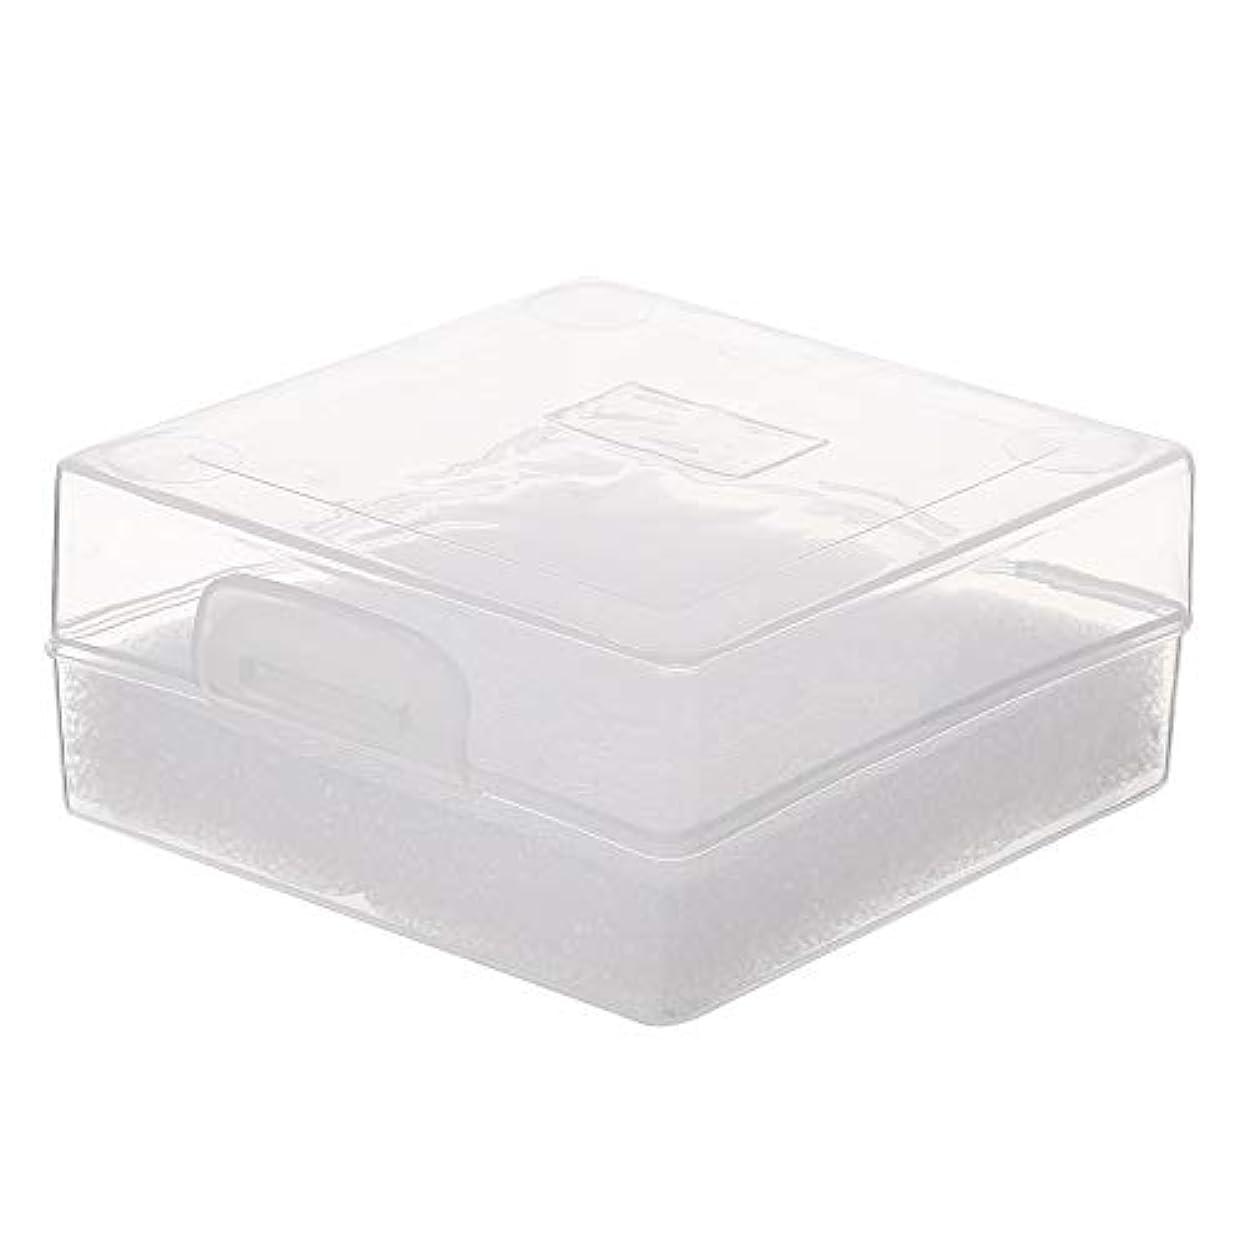 かかわらずアイデアセールDecdeal 100穴 研削ヘッドボックス ネイルドリルビットホルダー ネイル製品用ネイルツールストレージコンパクト便利な透明